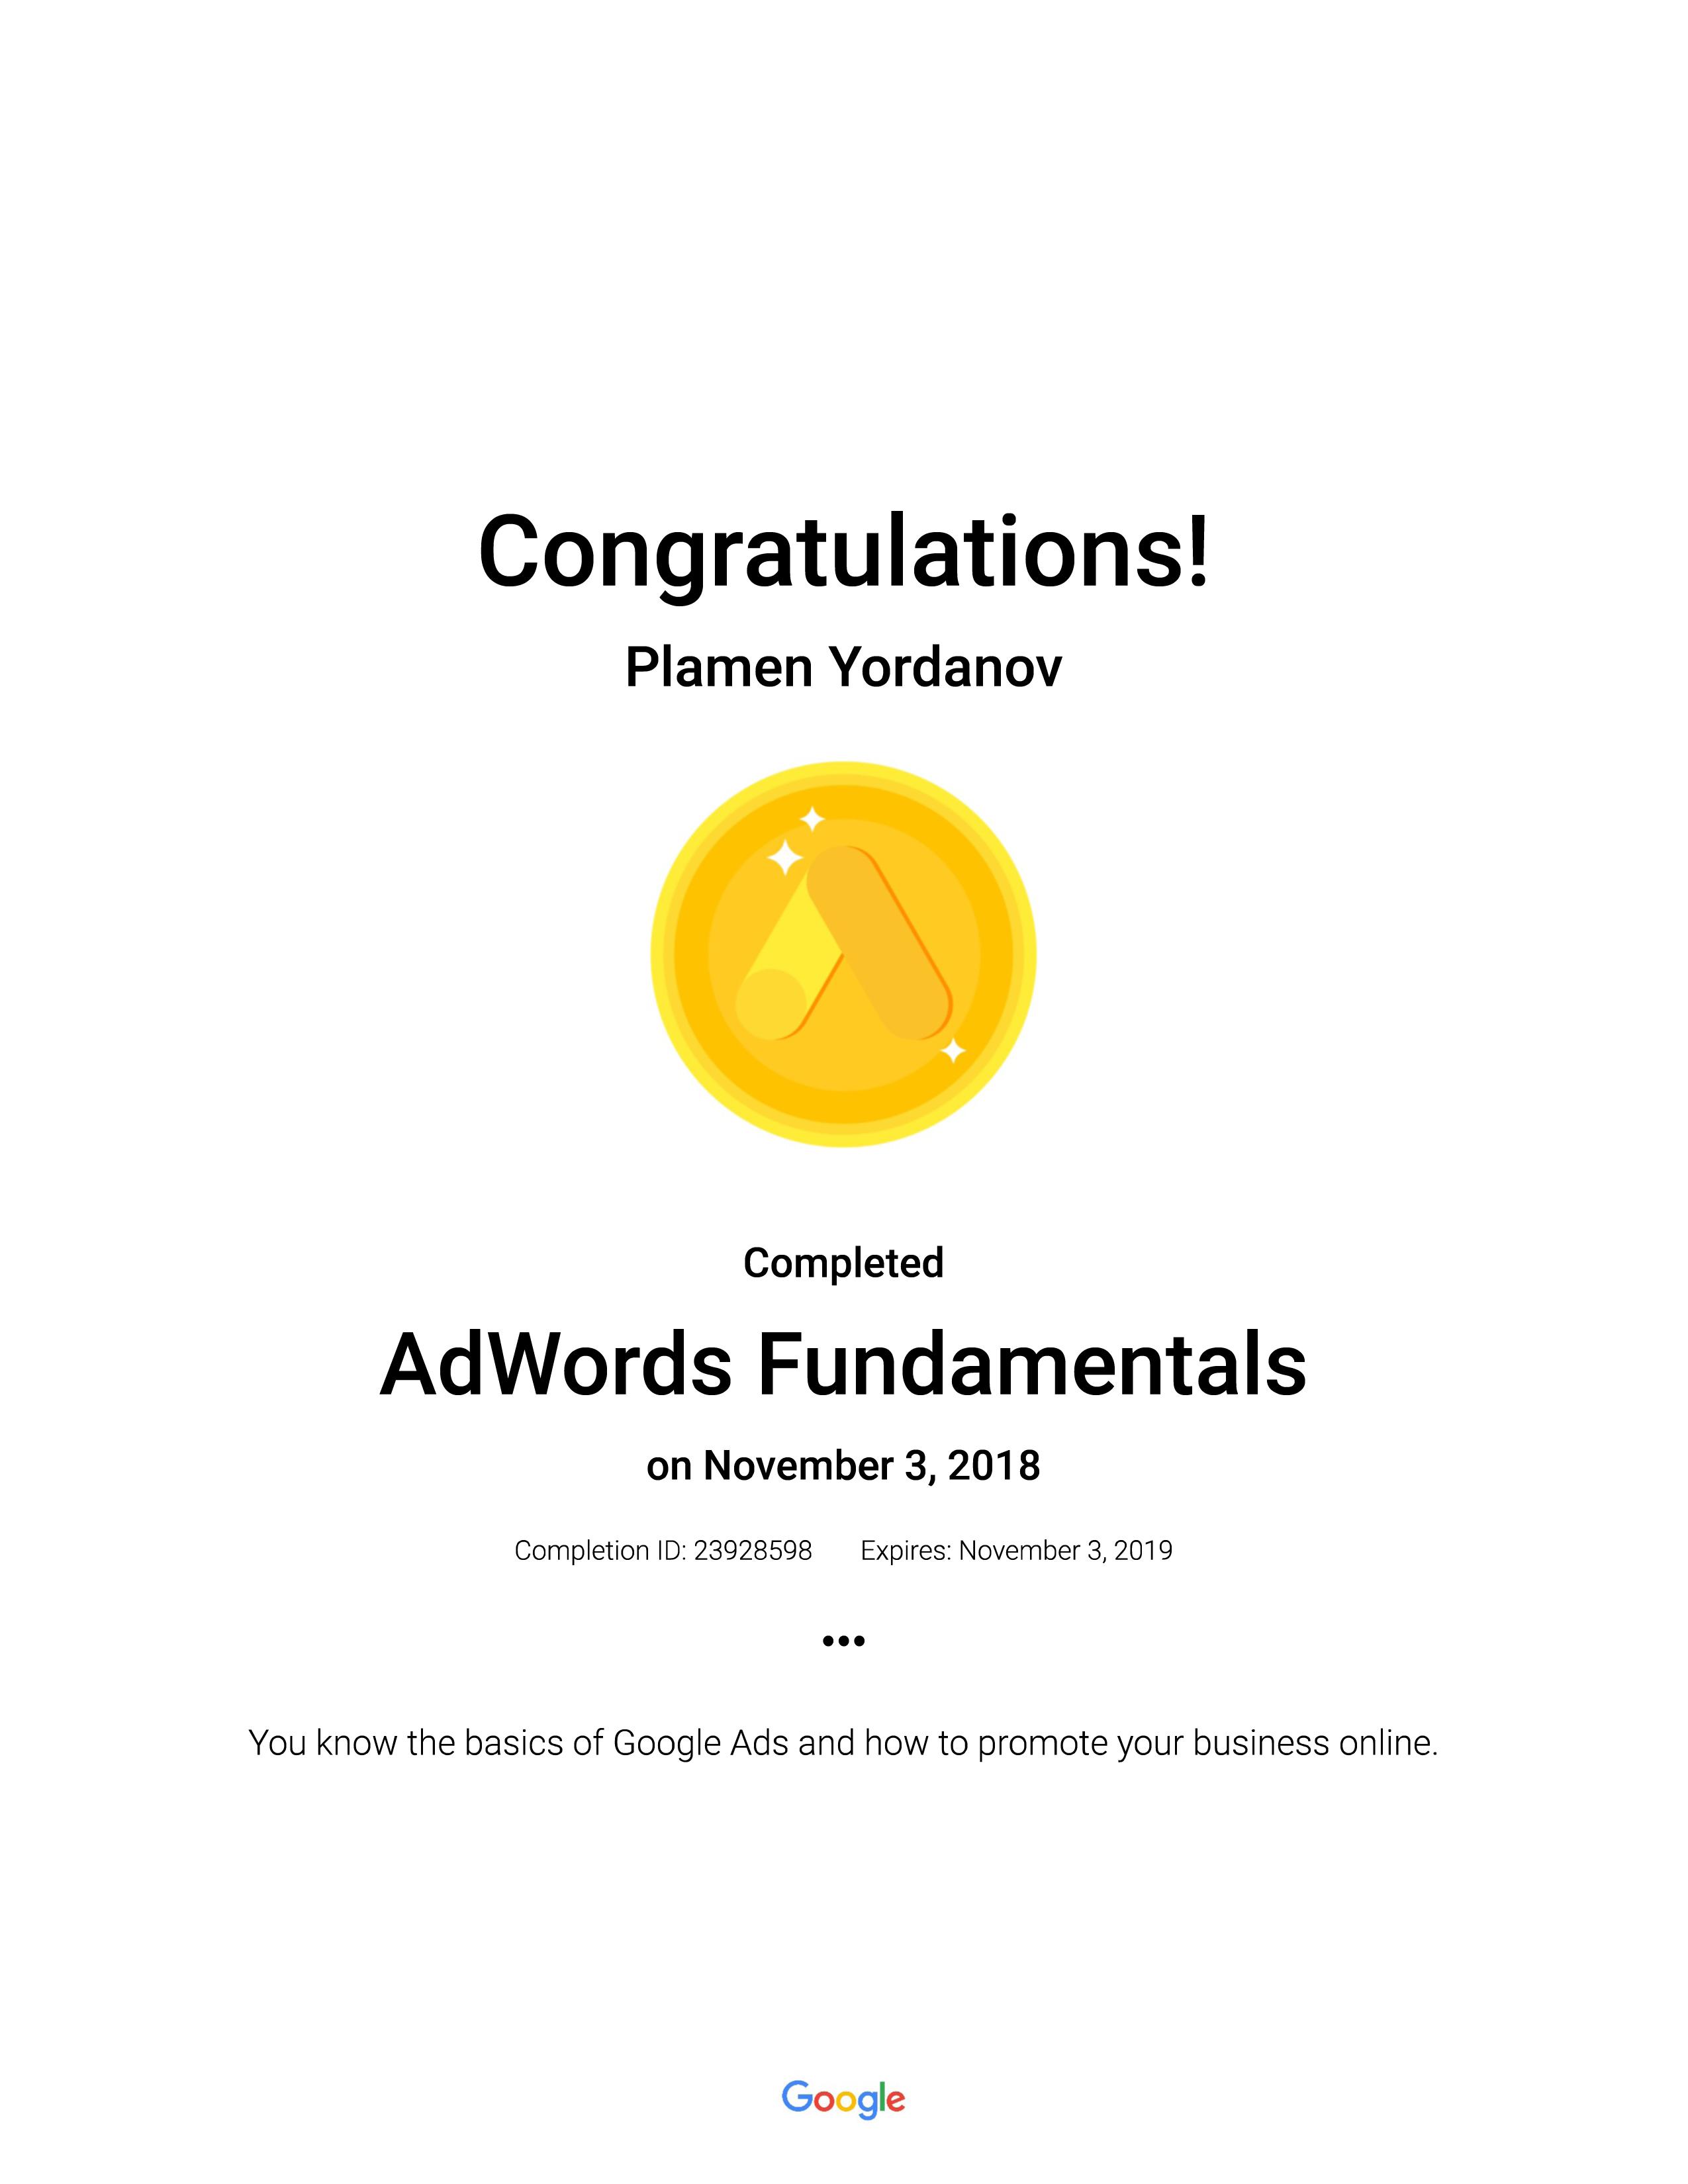 AdWords-Fundamentals